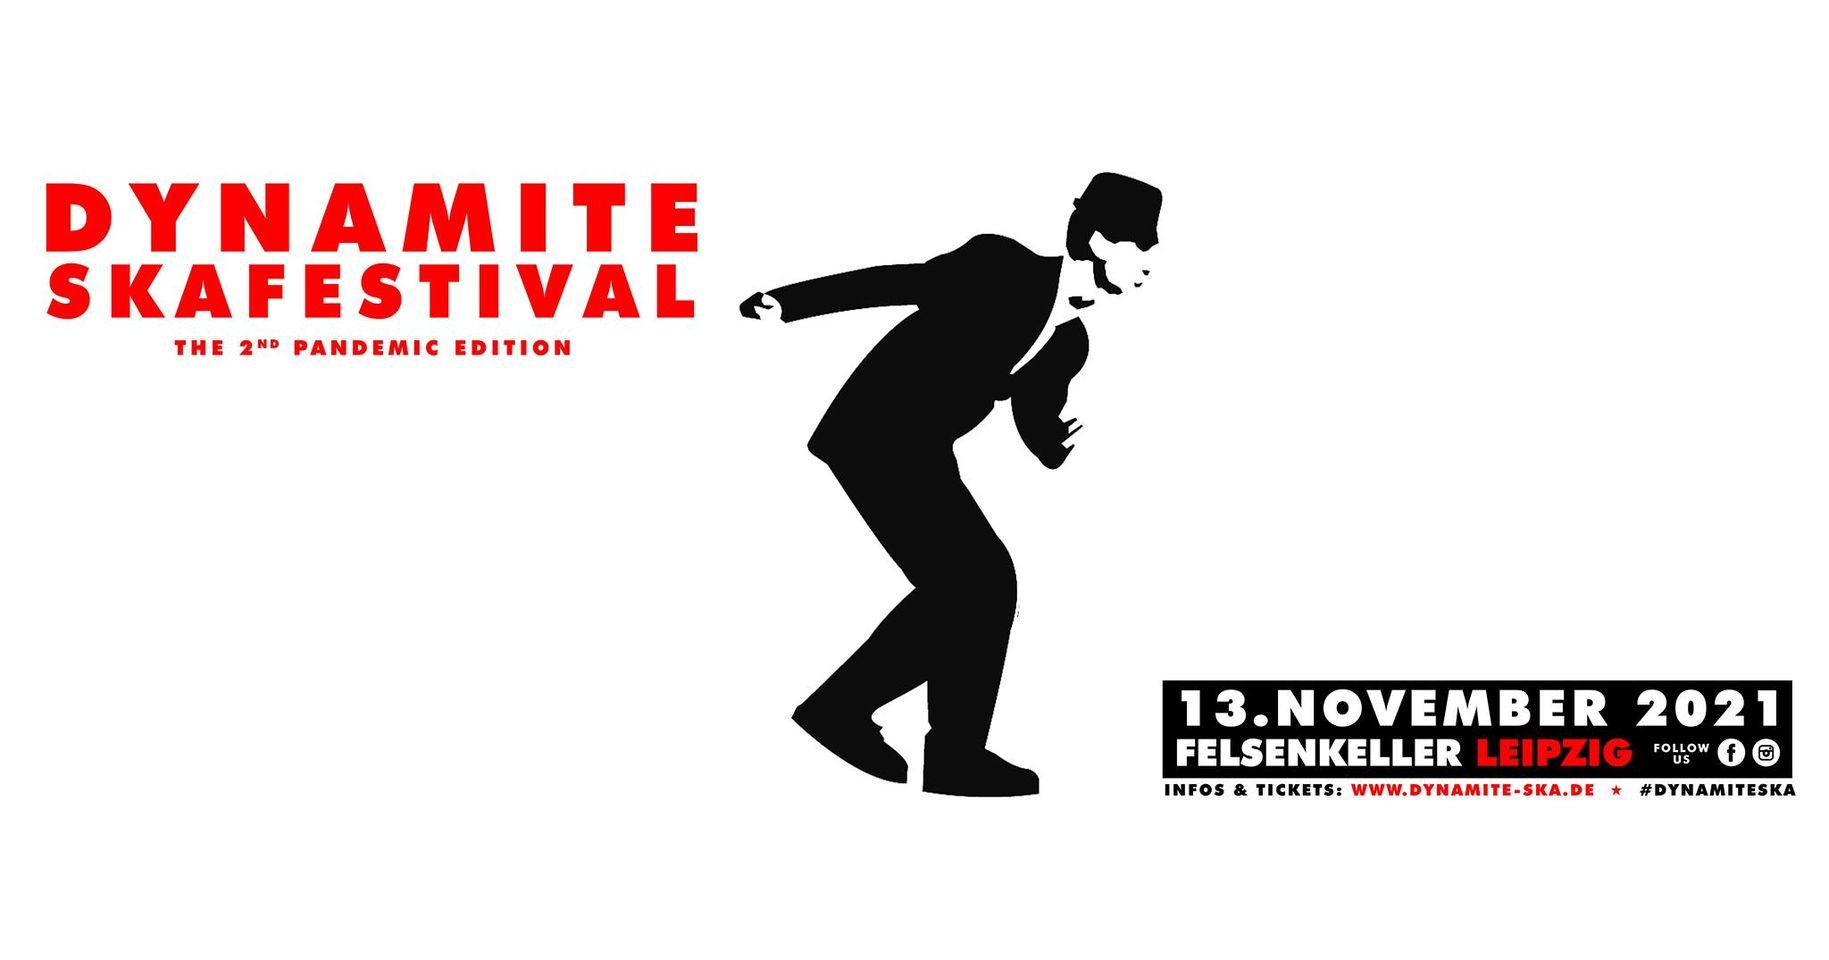 Dynamite Skafestival 2021 (2G)